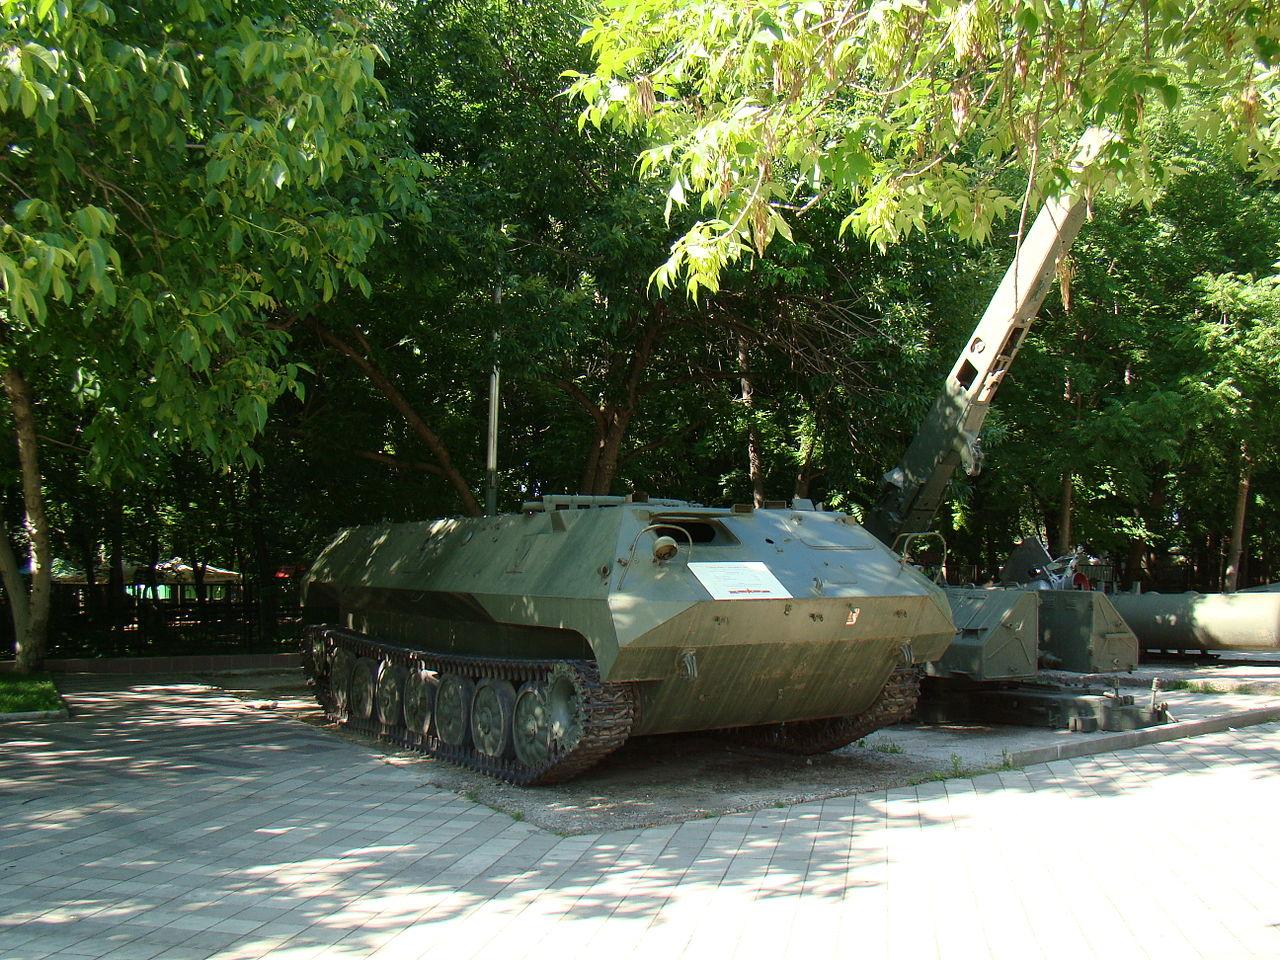 Музей военной техники, парк культуры и отдыха имени 30-летия Победы